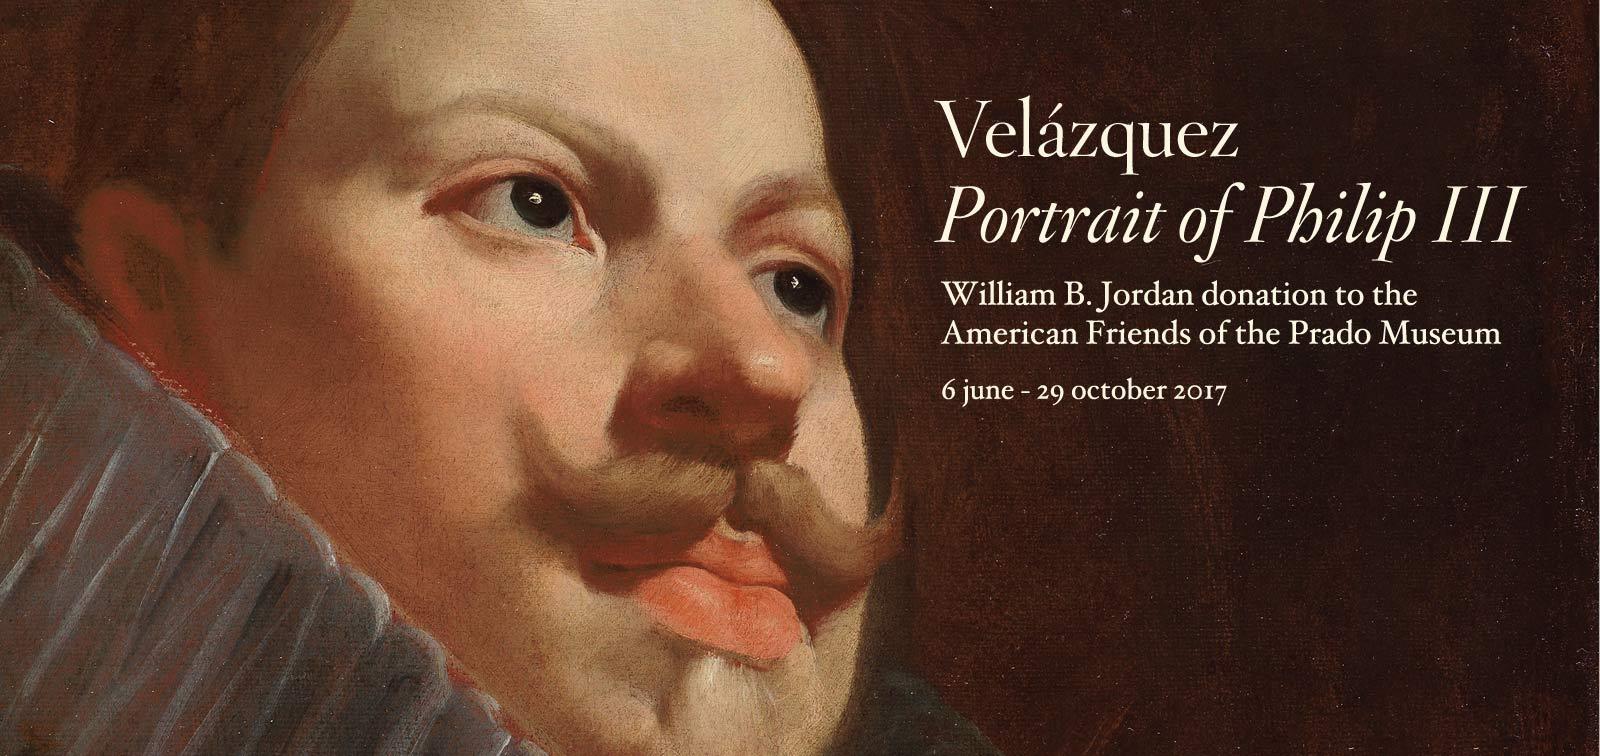 Exhibition. Velázquez, Portrait of Philip III